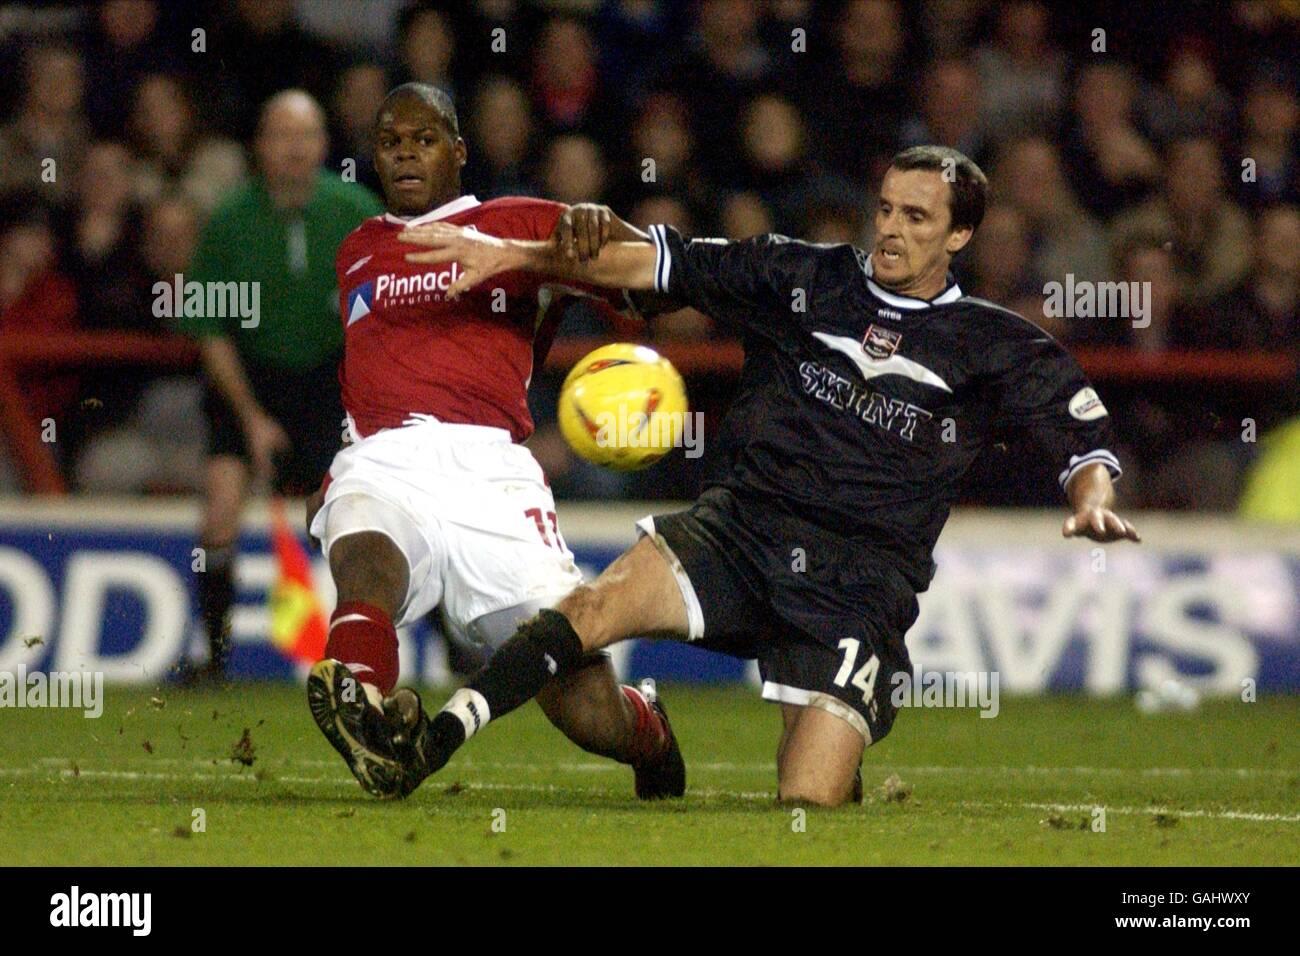 División de la Liga Nacional de Fútbol - Uno - Nottingham Forest v Brighton y Hove Albion Foto de stock